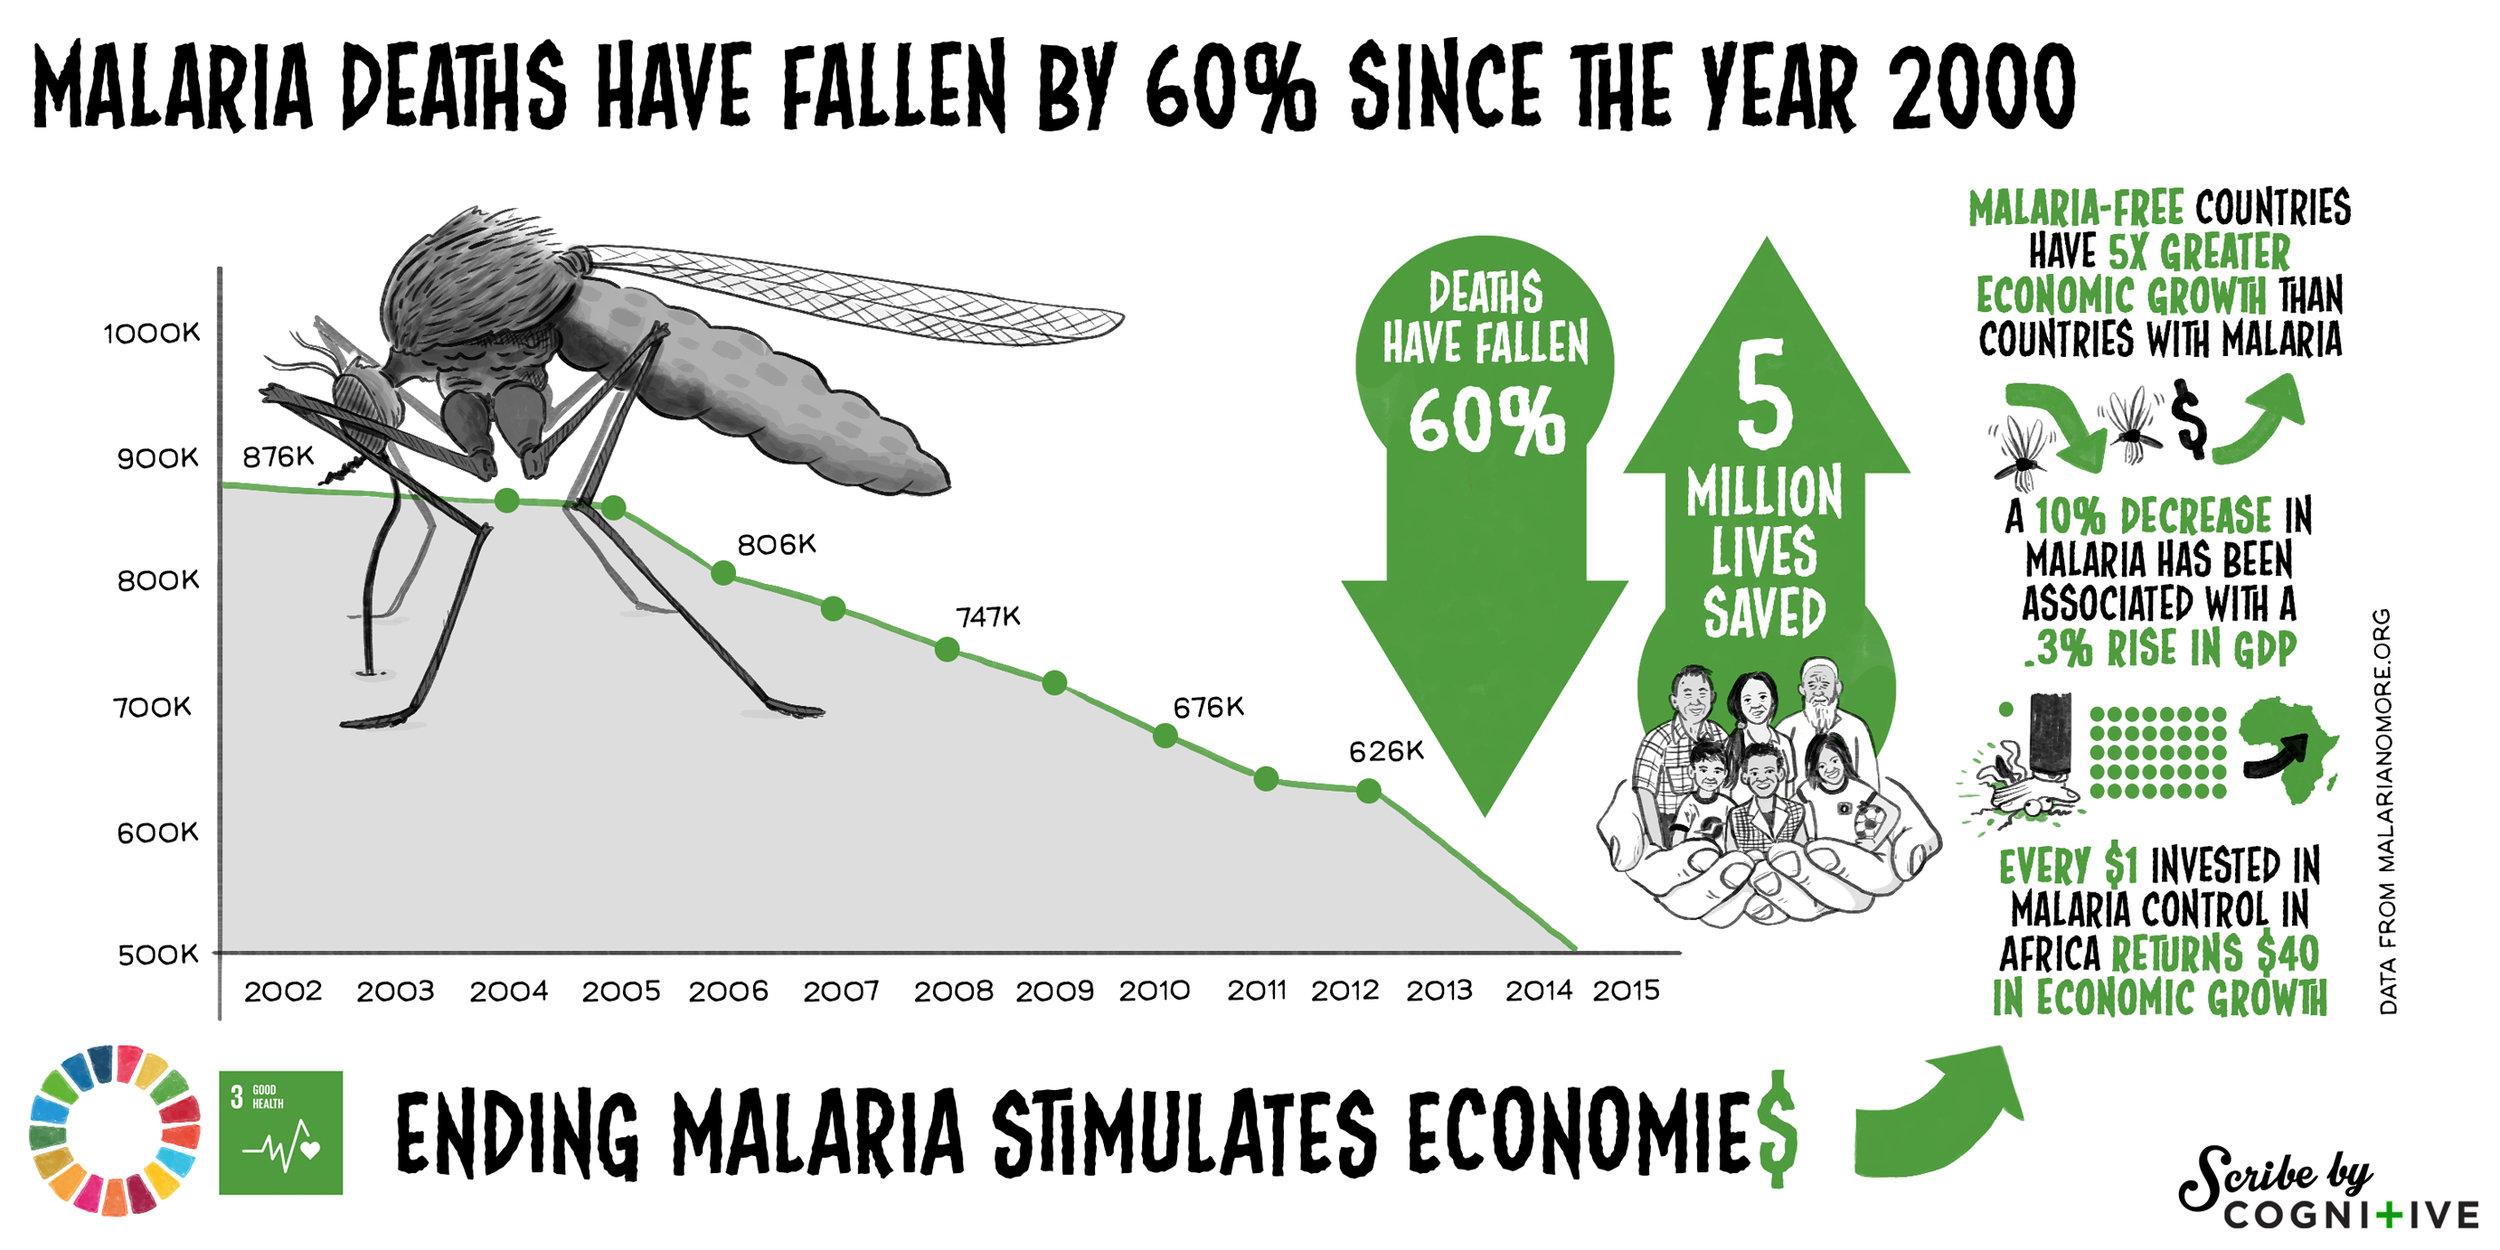 182505_WORLD-MALARIA-DAY_TWITTER.jpg